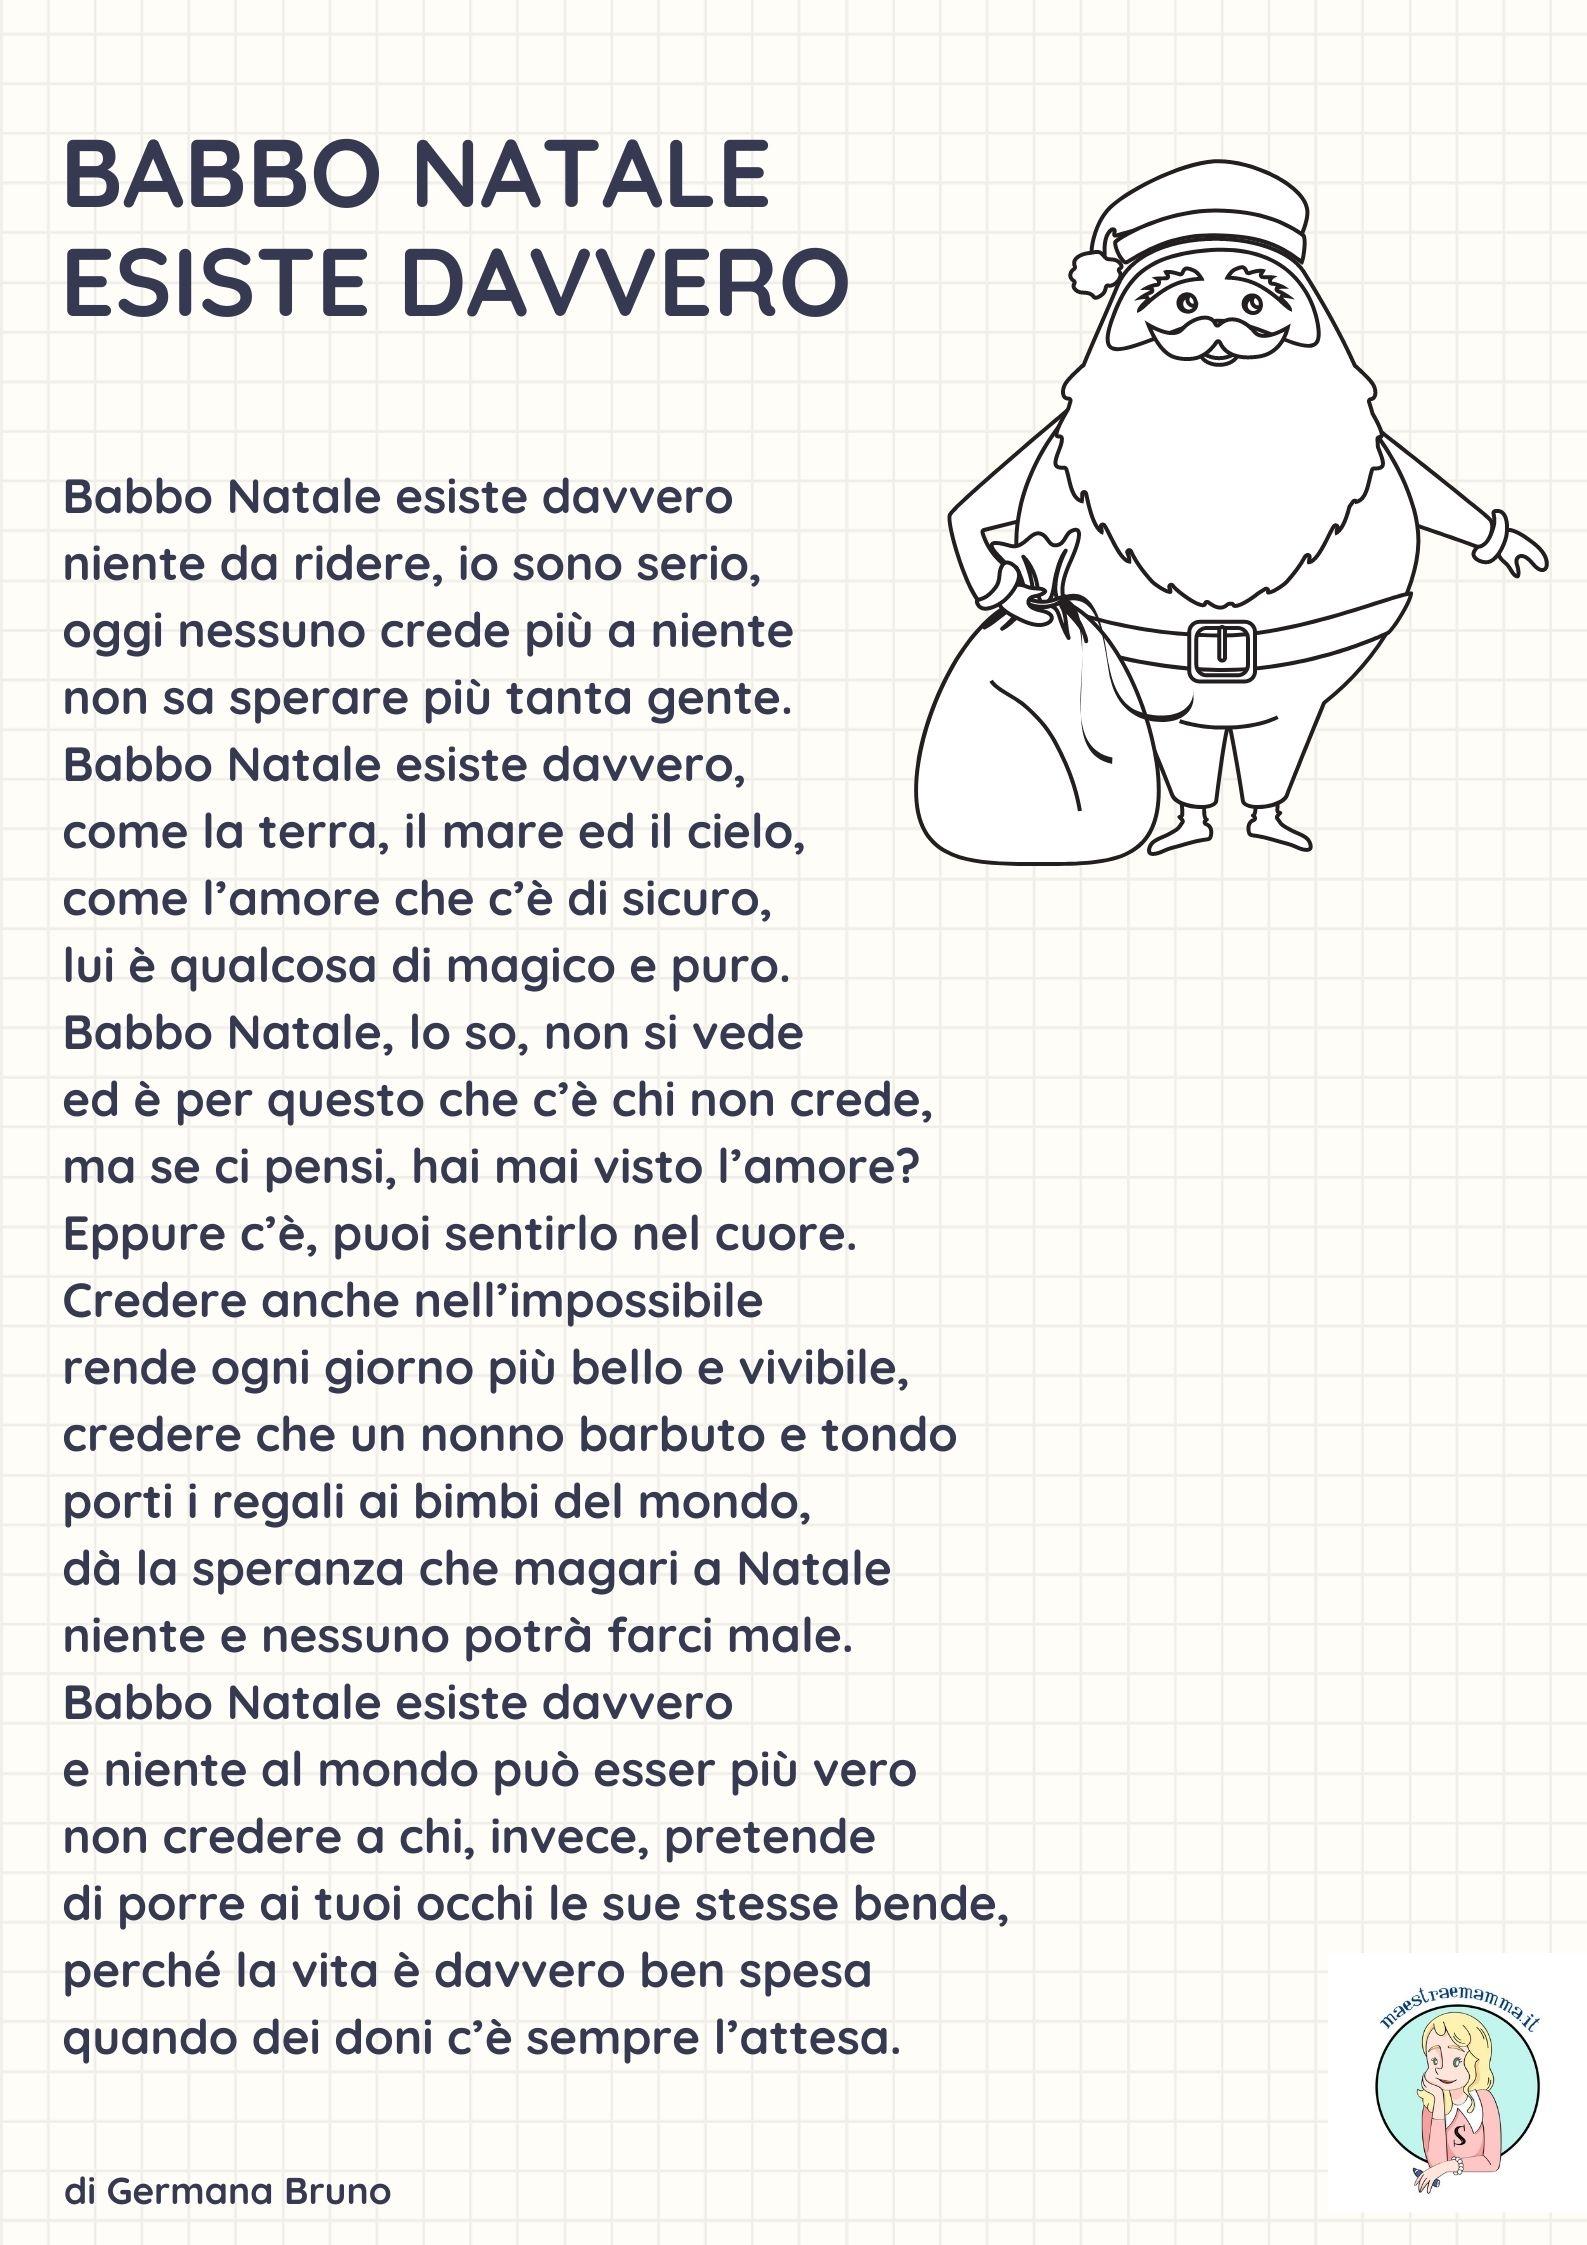 Poesie Di Natale In Rima.Poesia Di Natale Per Bambini Babbo Natale Esiste Davvero